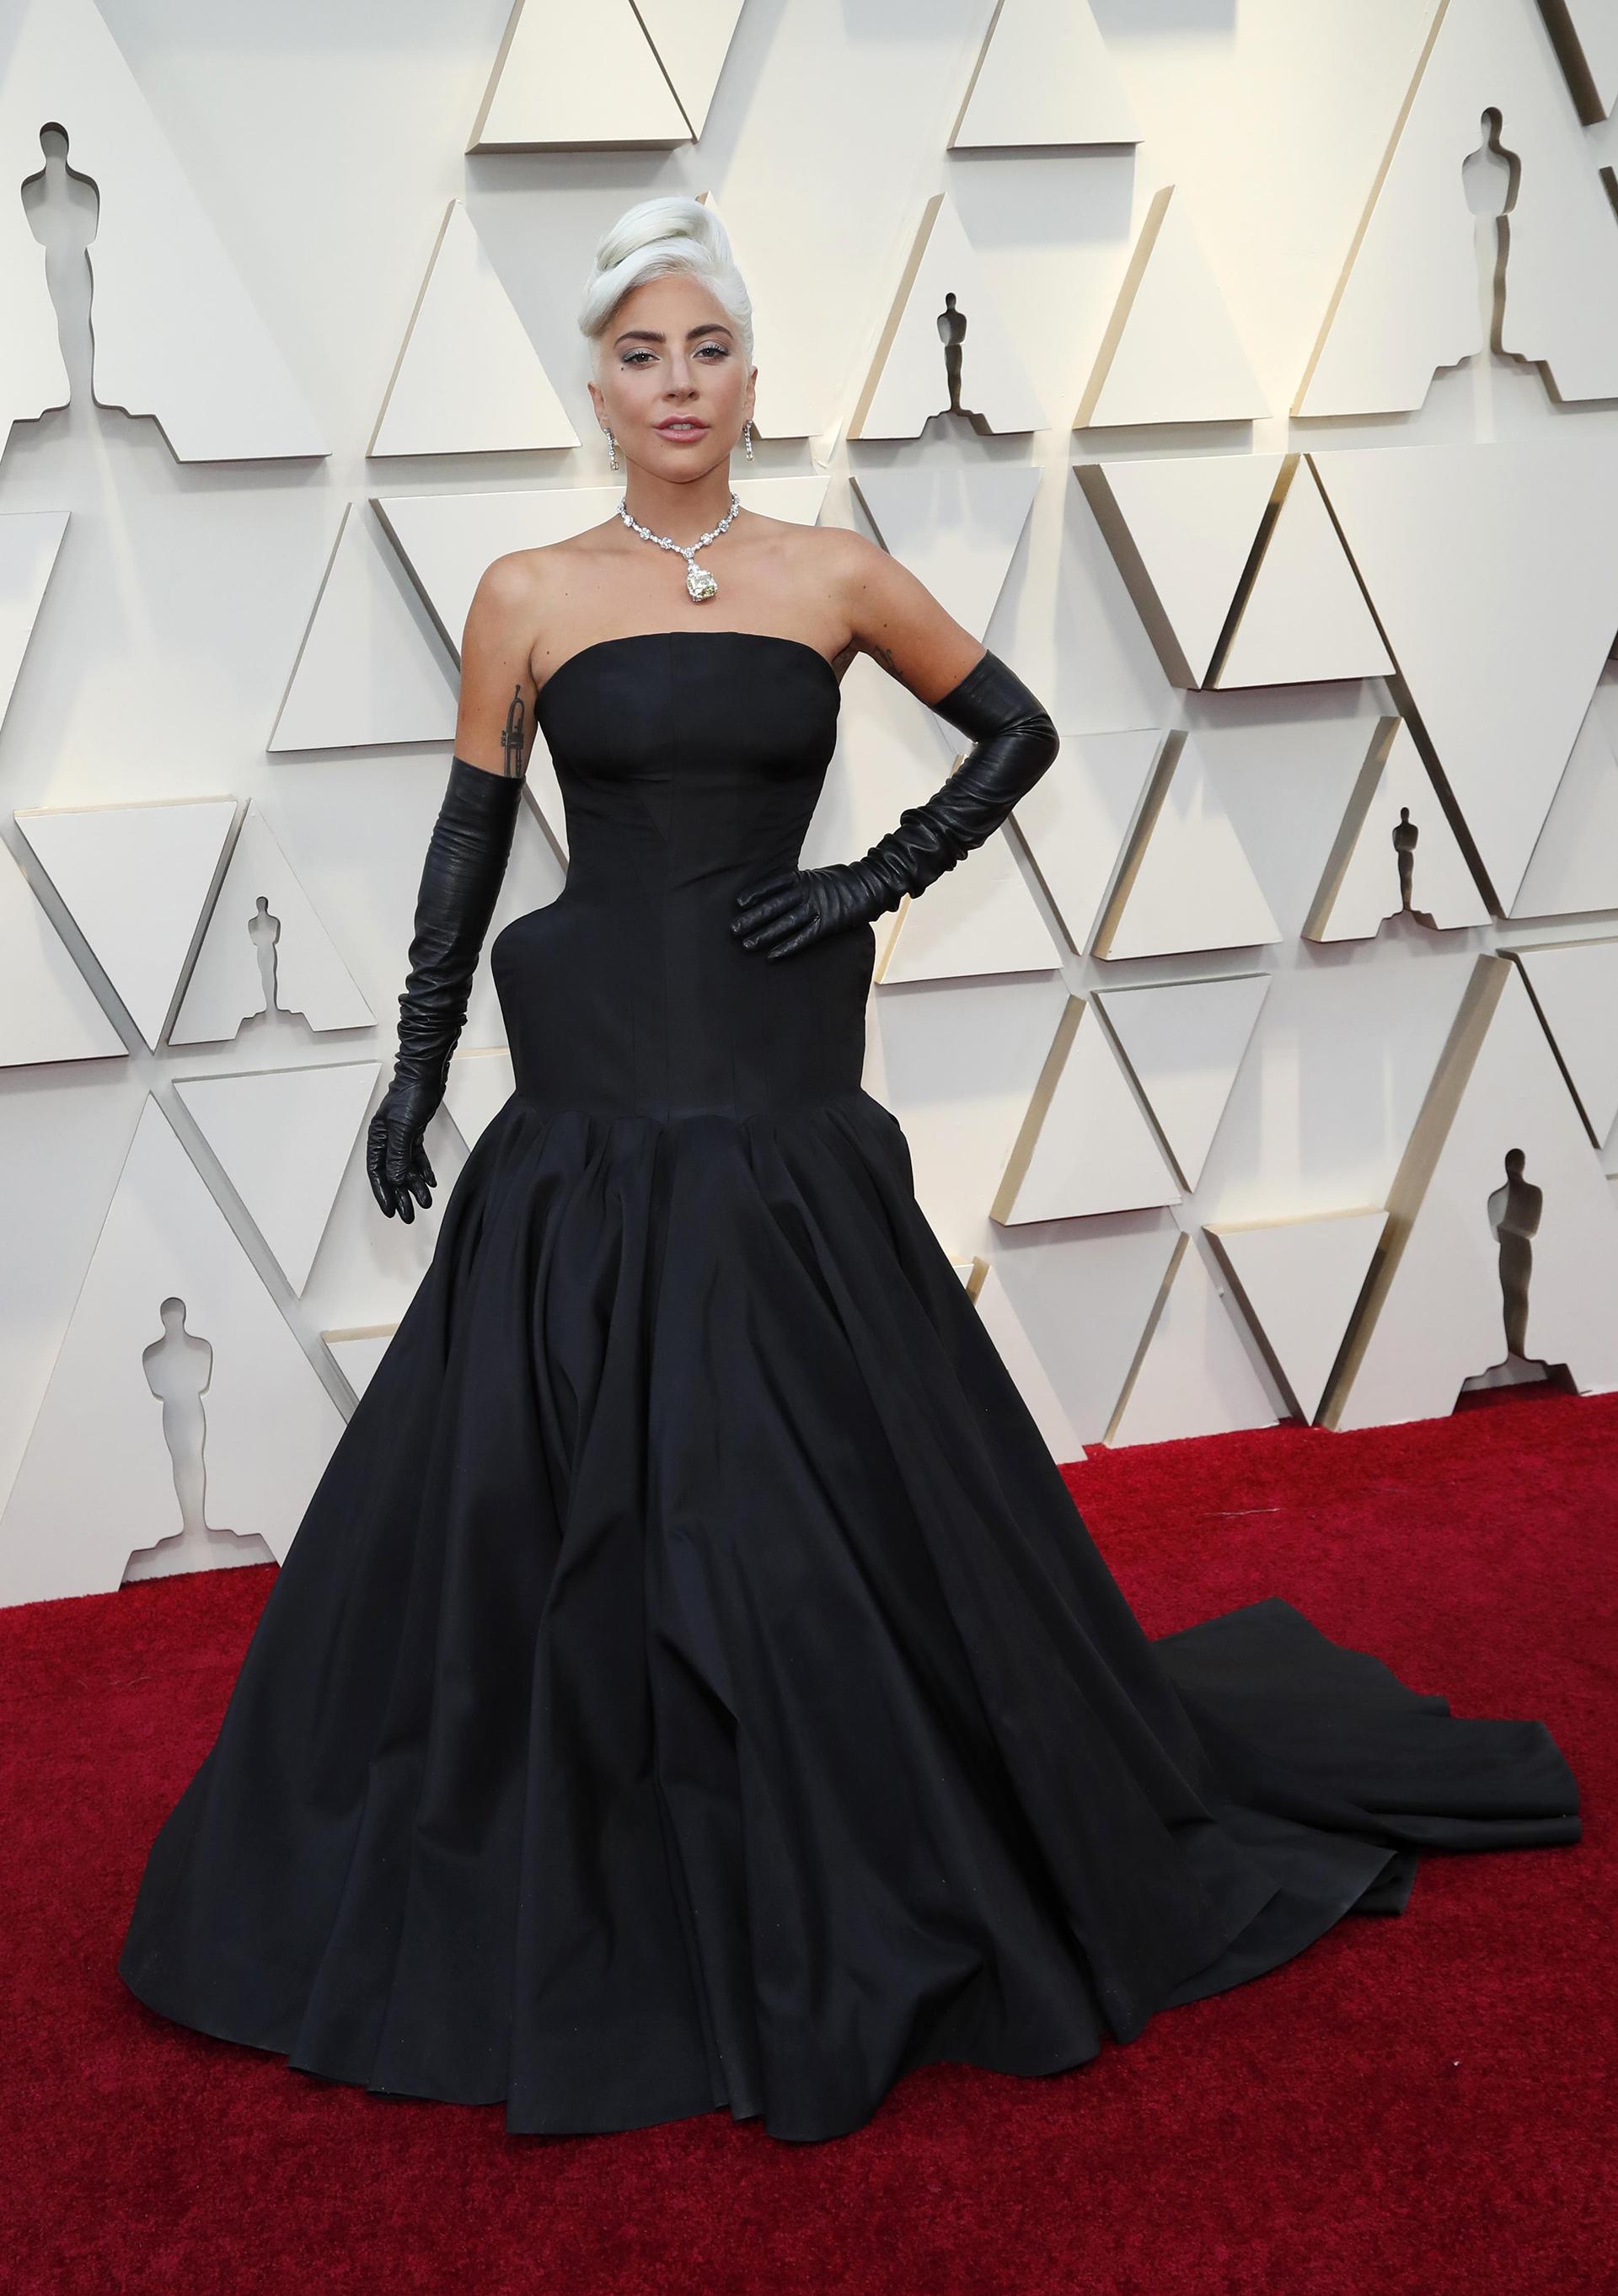 """Lady Gaga optó por un look más sobrio al que nos tiene acostumbrados, pero no por eso menos fashionista. Un vestido negro con corset armado y strapless. ¿El detalle? Los guantes negros estilo """"old Hollywood"""". """"Maravillosamente elegante y distinguida"""" alabó la diseñadora Patricia Profumo."""